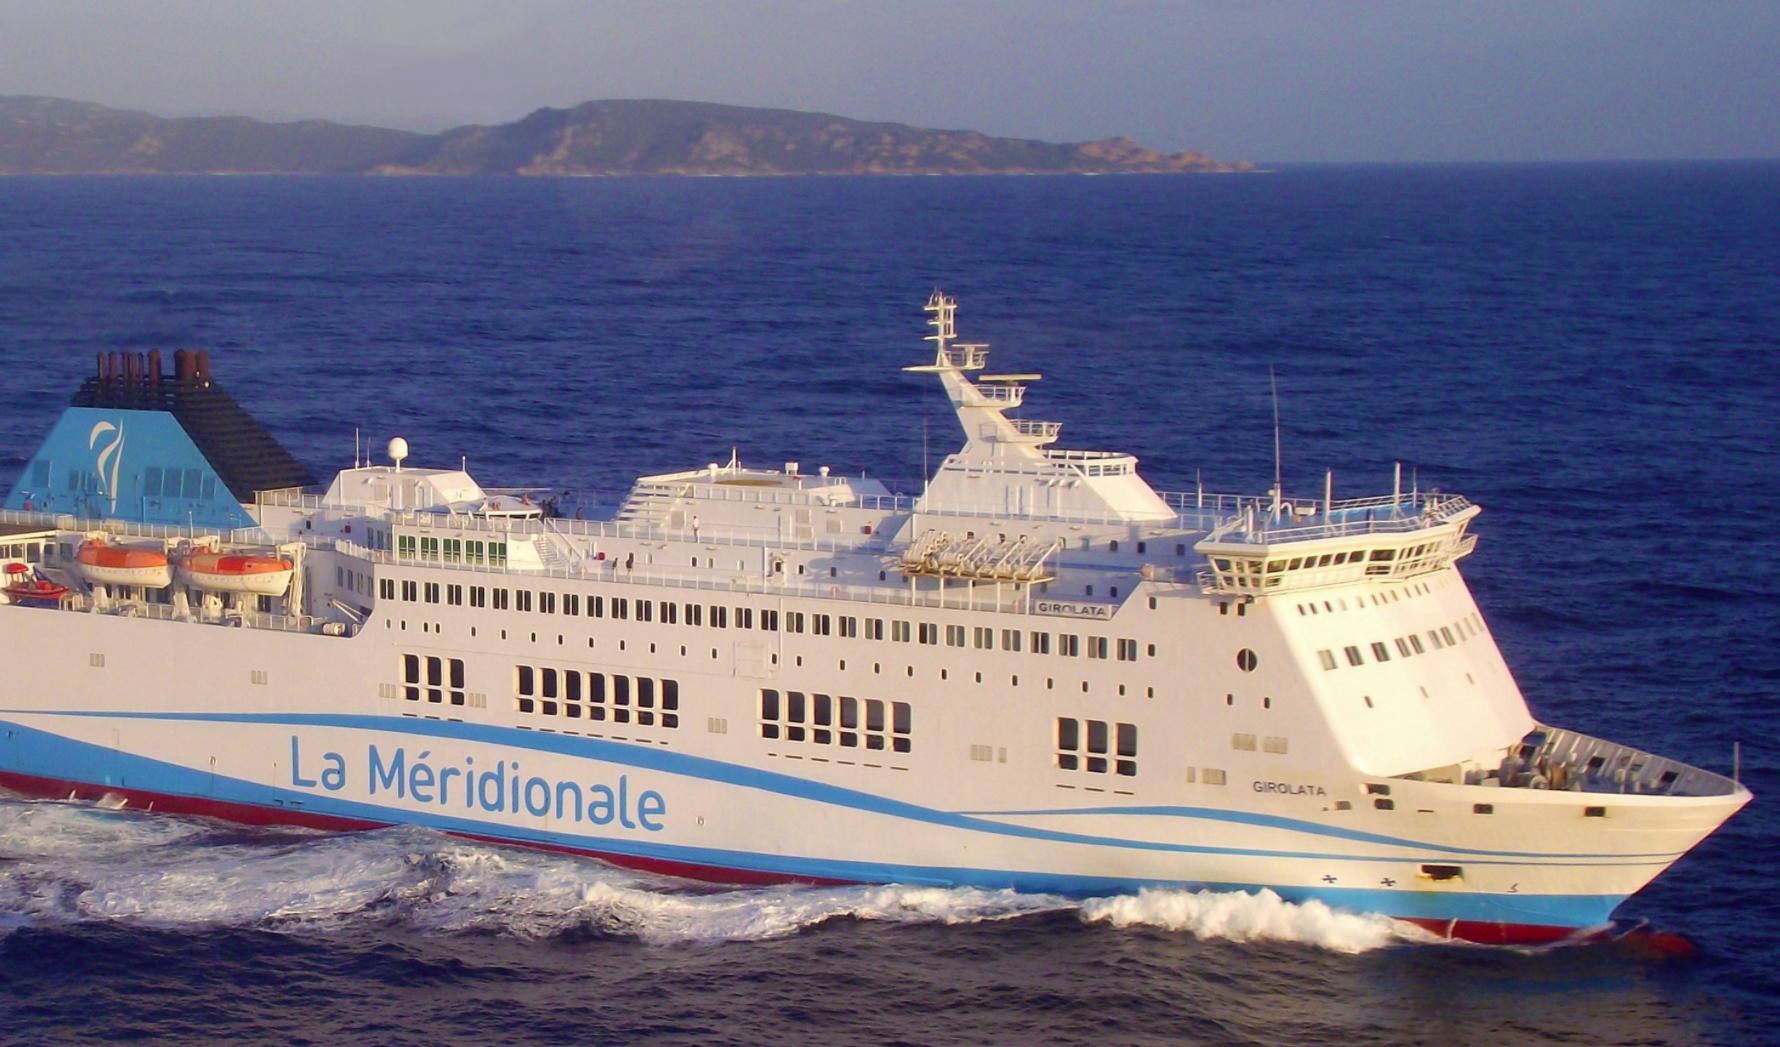 船舶会社La Méridionale(ラ・メリディオナル)社ホームページ3か国語翻訳(伊・英・西)